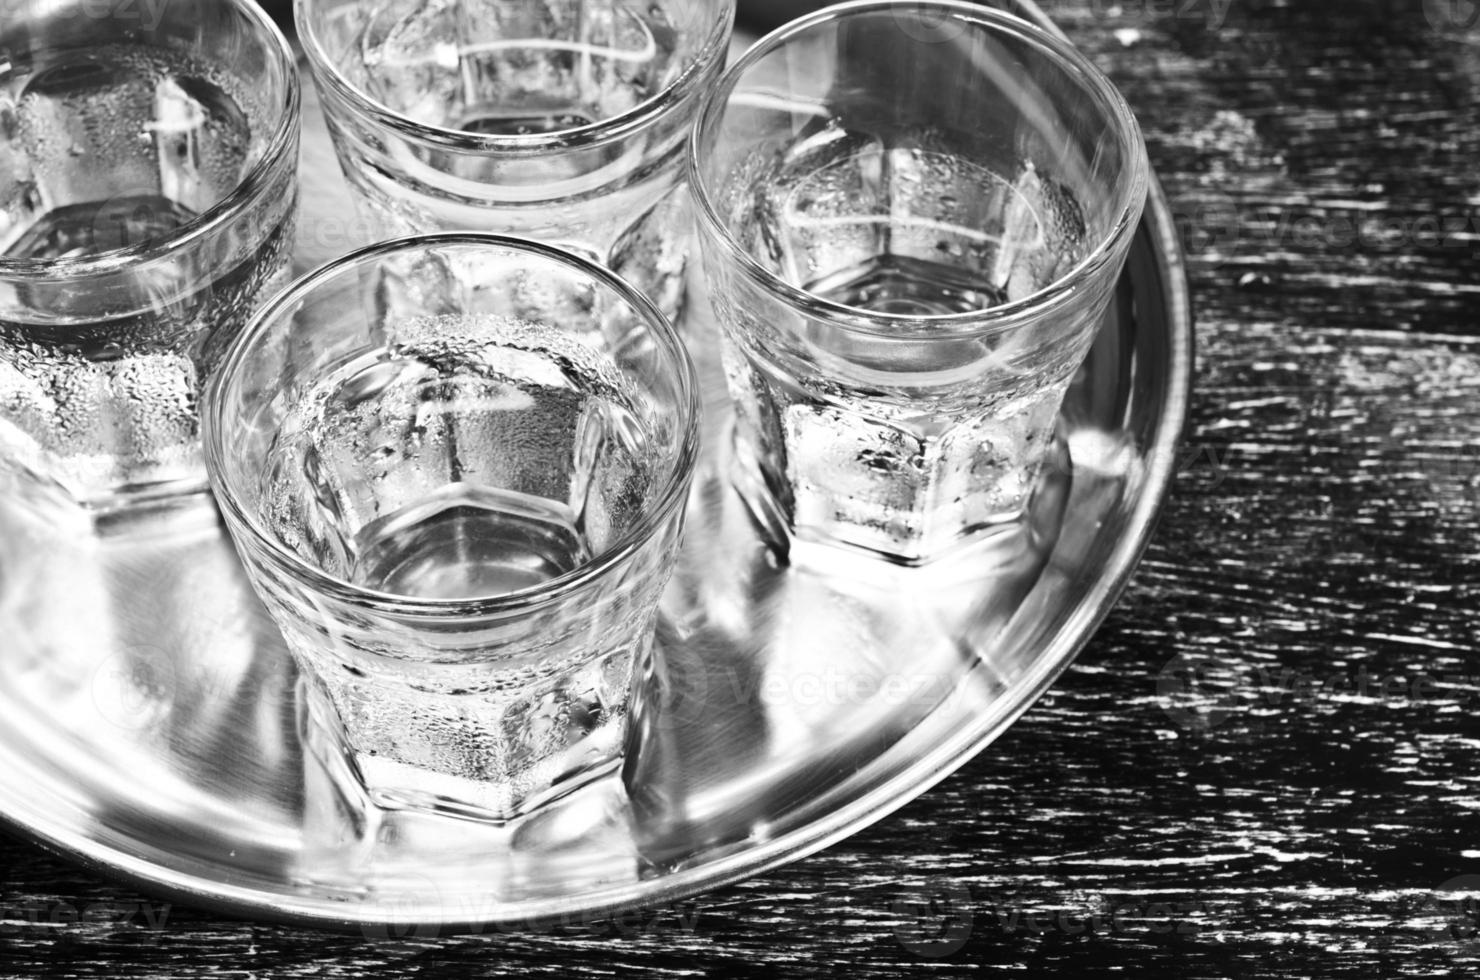 bebida transparente foto